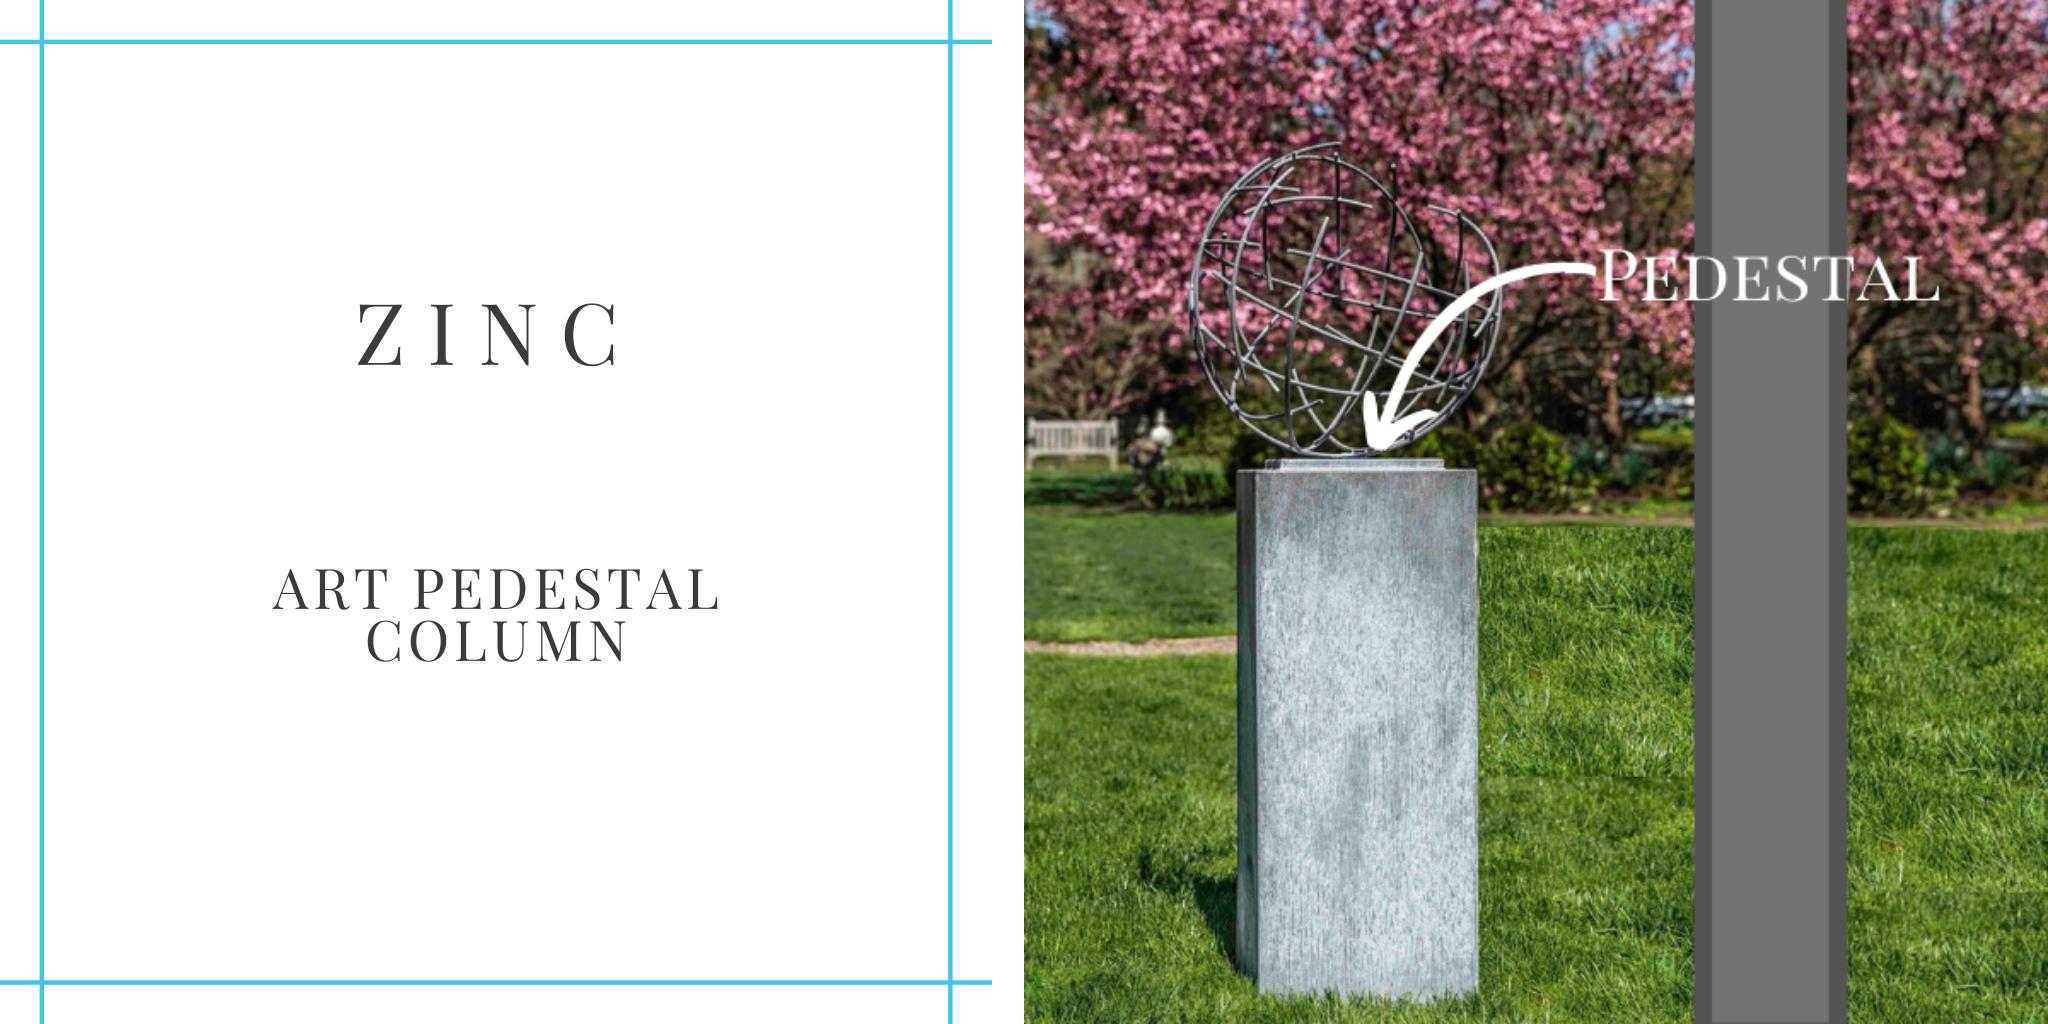 campania-zinc-art-pedestal-column